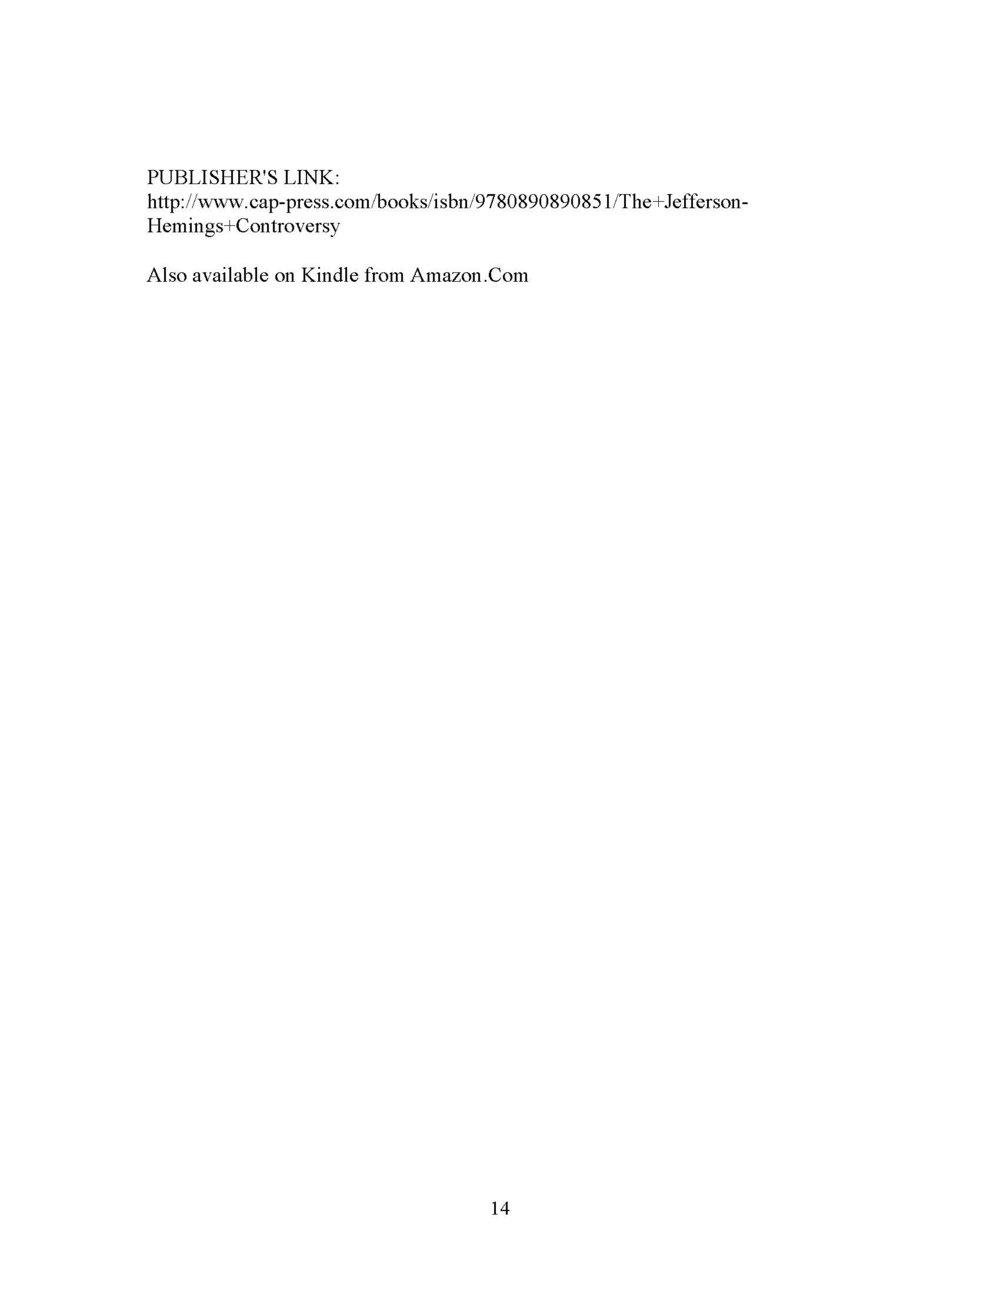 QAndA_Turner_9_10_11_Page_14.jpg